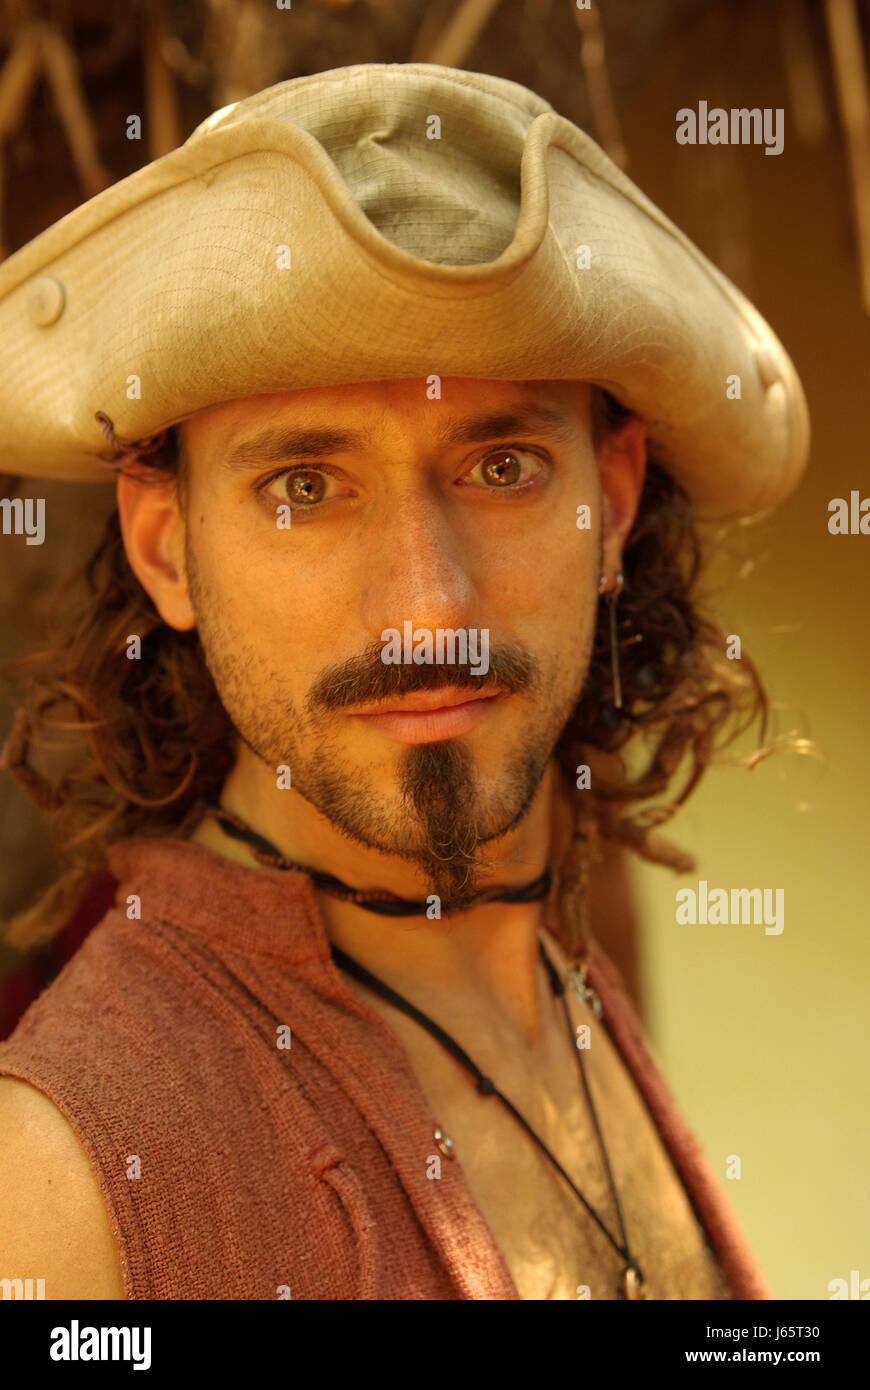 570144869a5d9 Sombrero hippie freak barba perilla hombre abandono curioso curioso nosy  india relajado Imagen De Stock